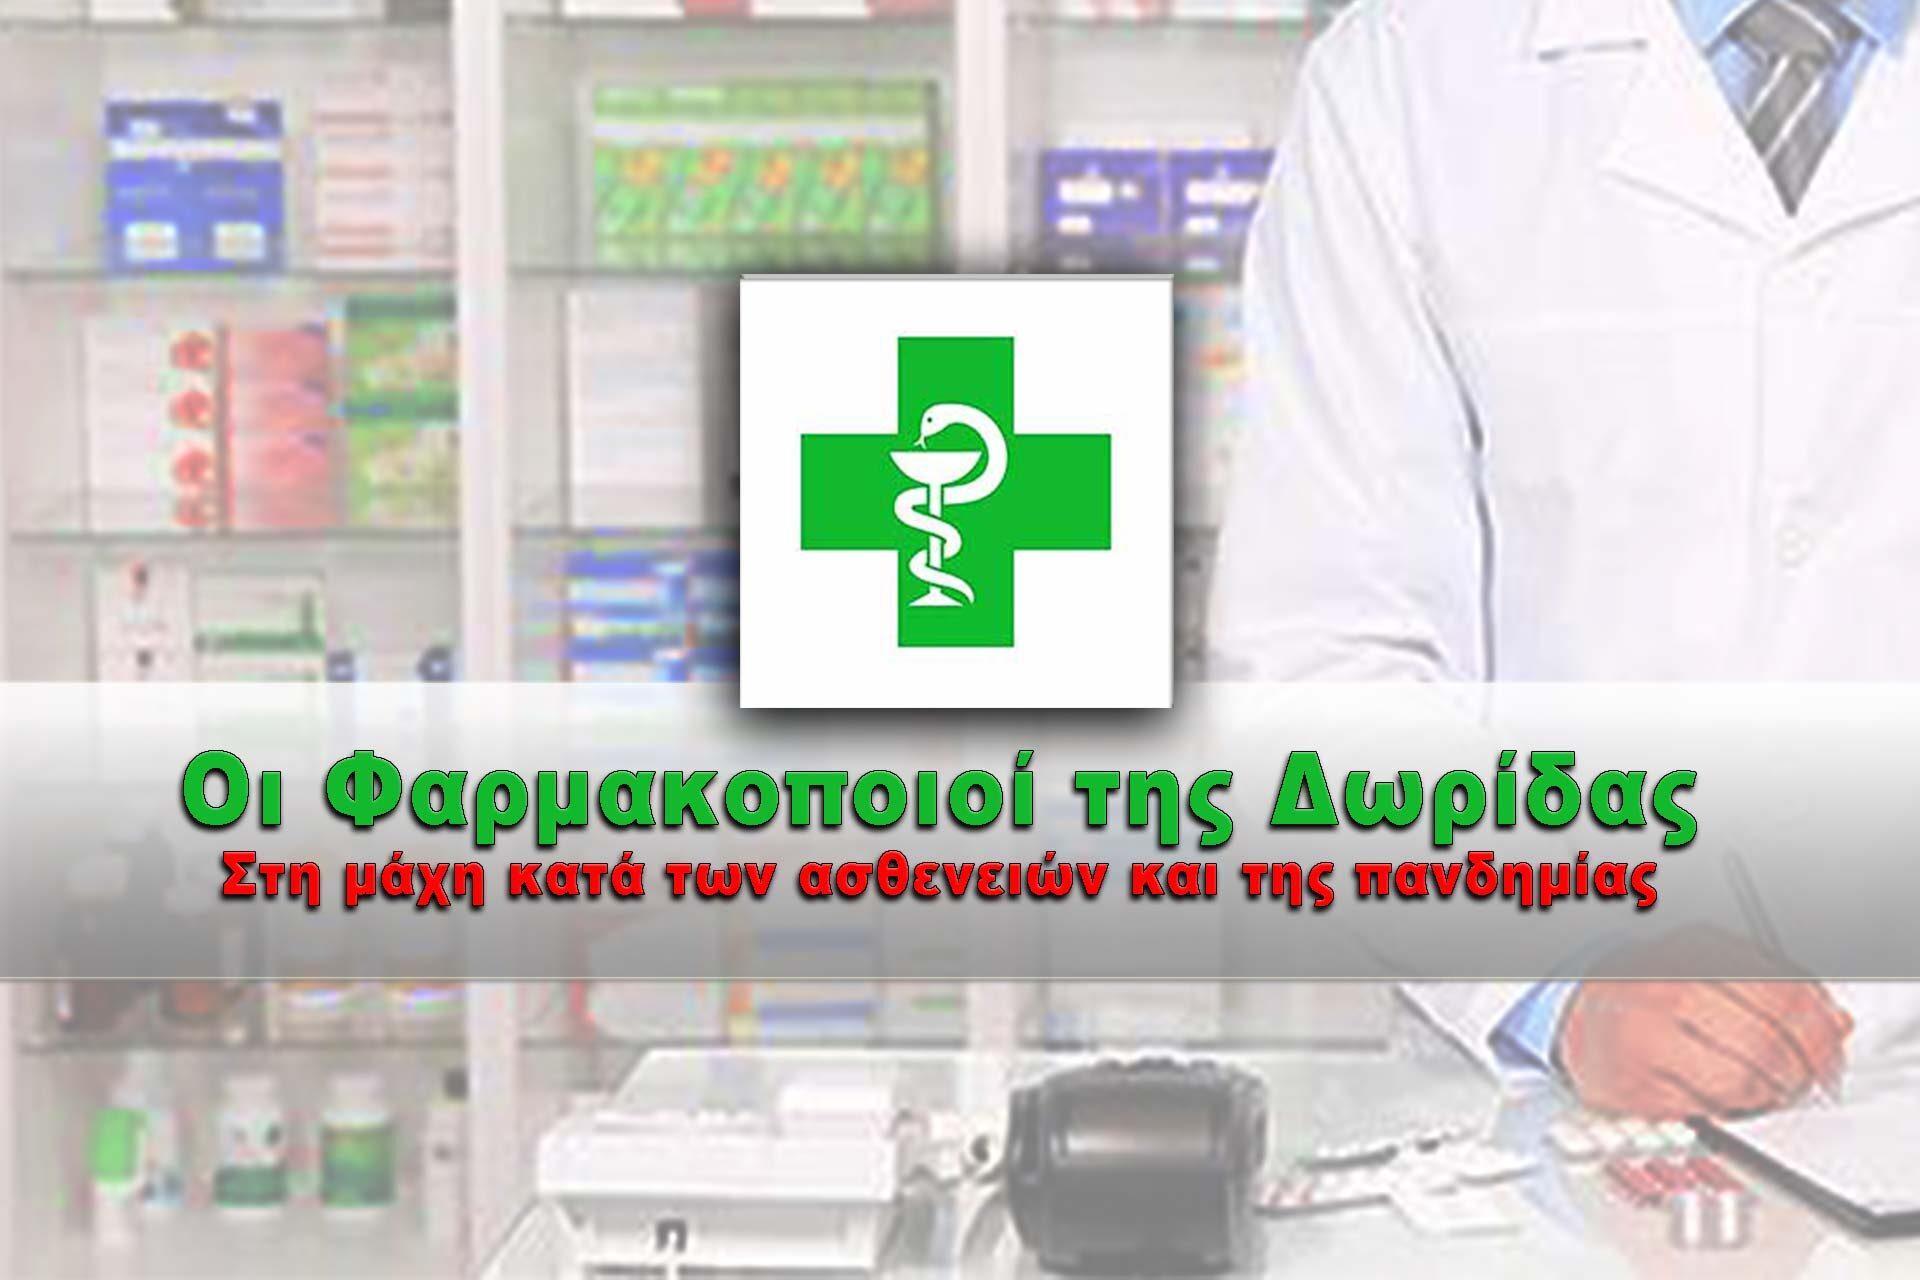 Φαρμακοποιοί της Δωρίδας